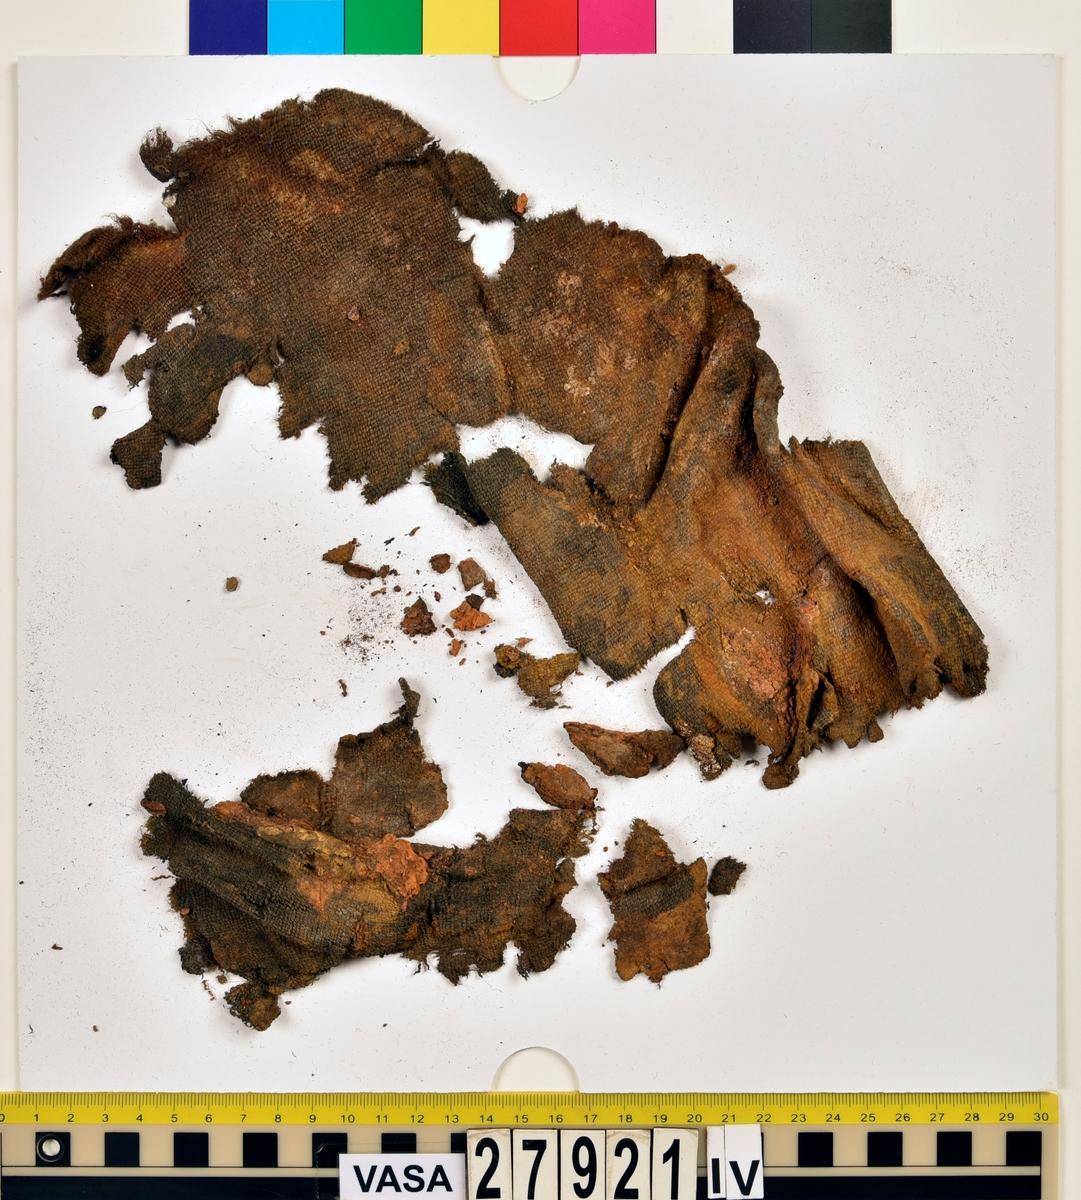 """Textil. Ca 47 textilfragment av ull vävda i tuskaft uppdelade på 27921:III-VIII. 27921:III innehåller 1 fragment. 27921:IV innehåller 6 fragment samt en del små """"smulor"""". 27921:V innehåller 2 fragment. 27921:VI innehåller ca 30 fragment. Förutom några vävda fragment är där en hel del sammanpressade fibrer. Förmodligen var textilen sönderfallen och blöt när den lades upp på lakansbiten.  27921:VII innehåller 4 fragment. 27921:VIII innehåller 4 fragment. Några fragment i 27921:VII och 27921:VIII innehåller fållar med spår av sömmar."""